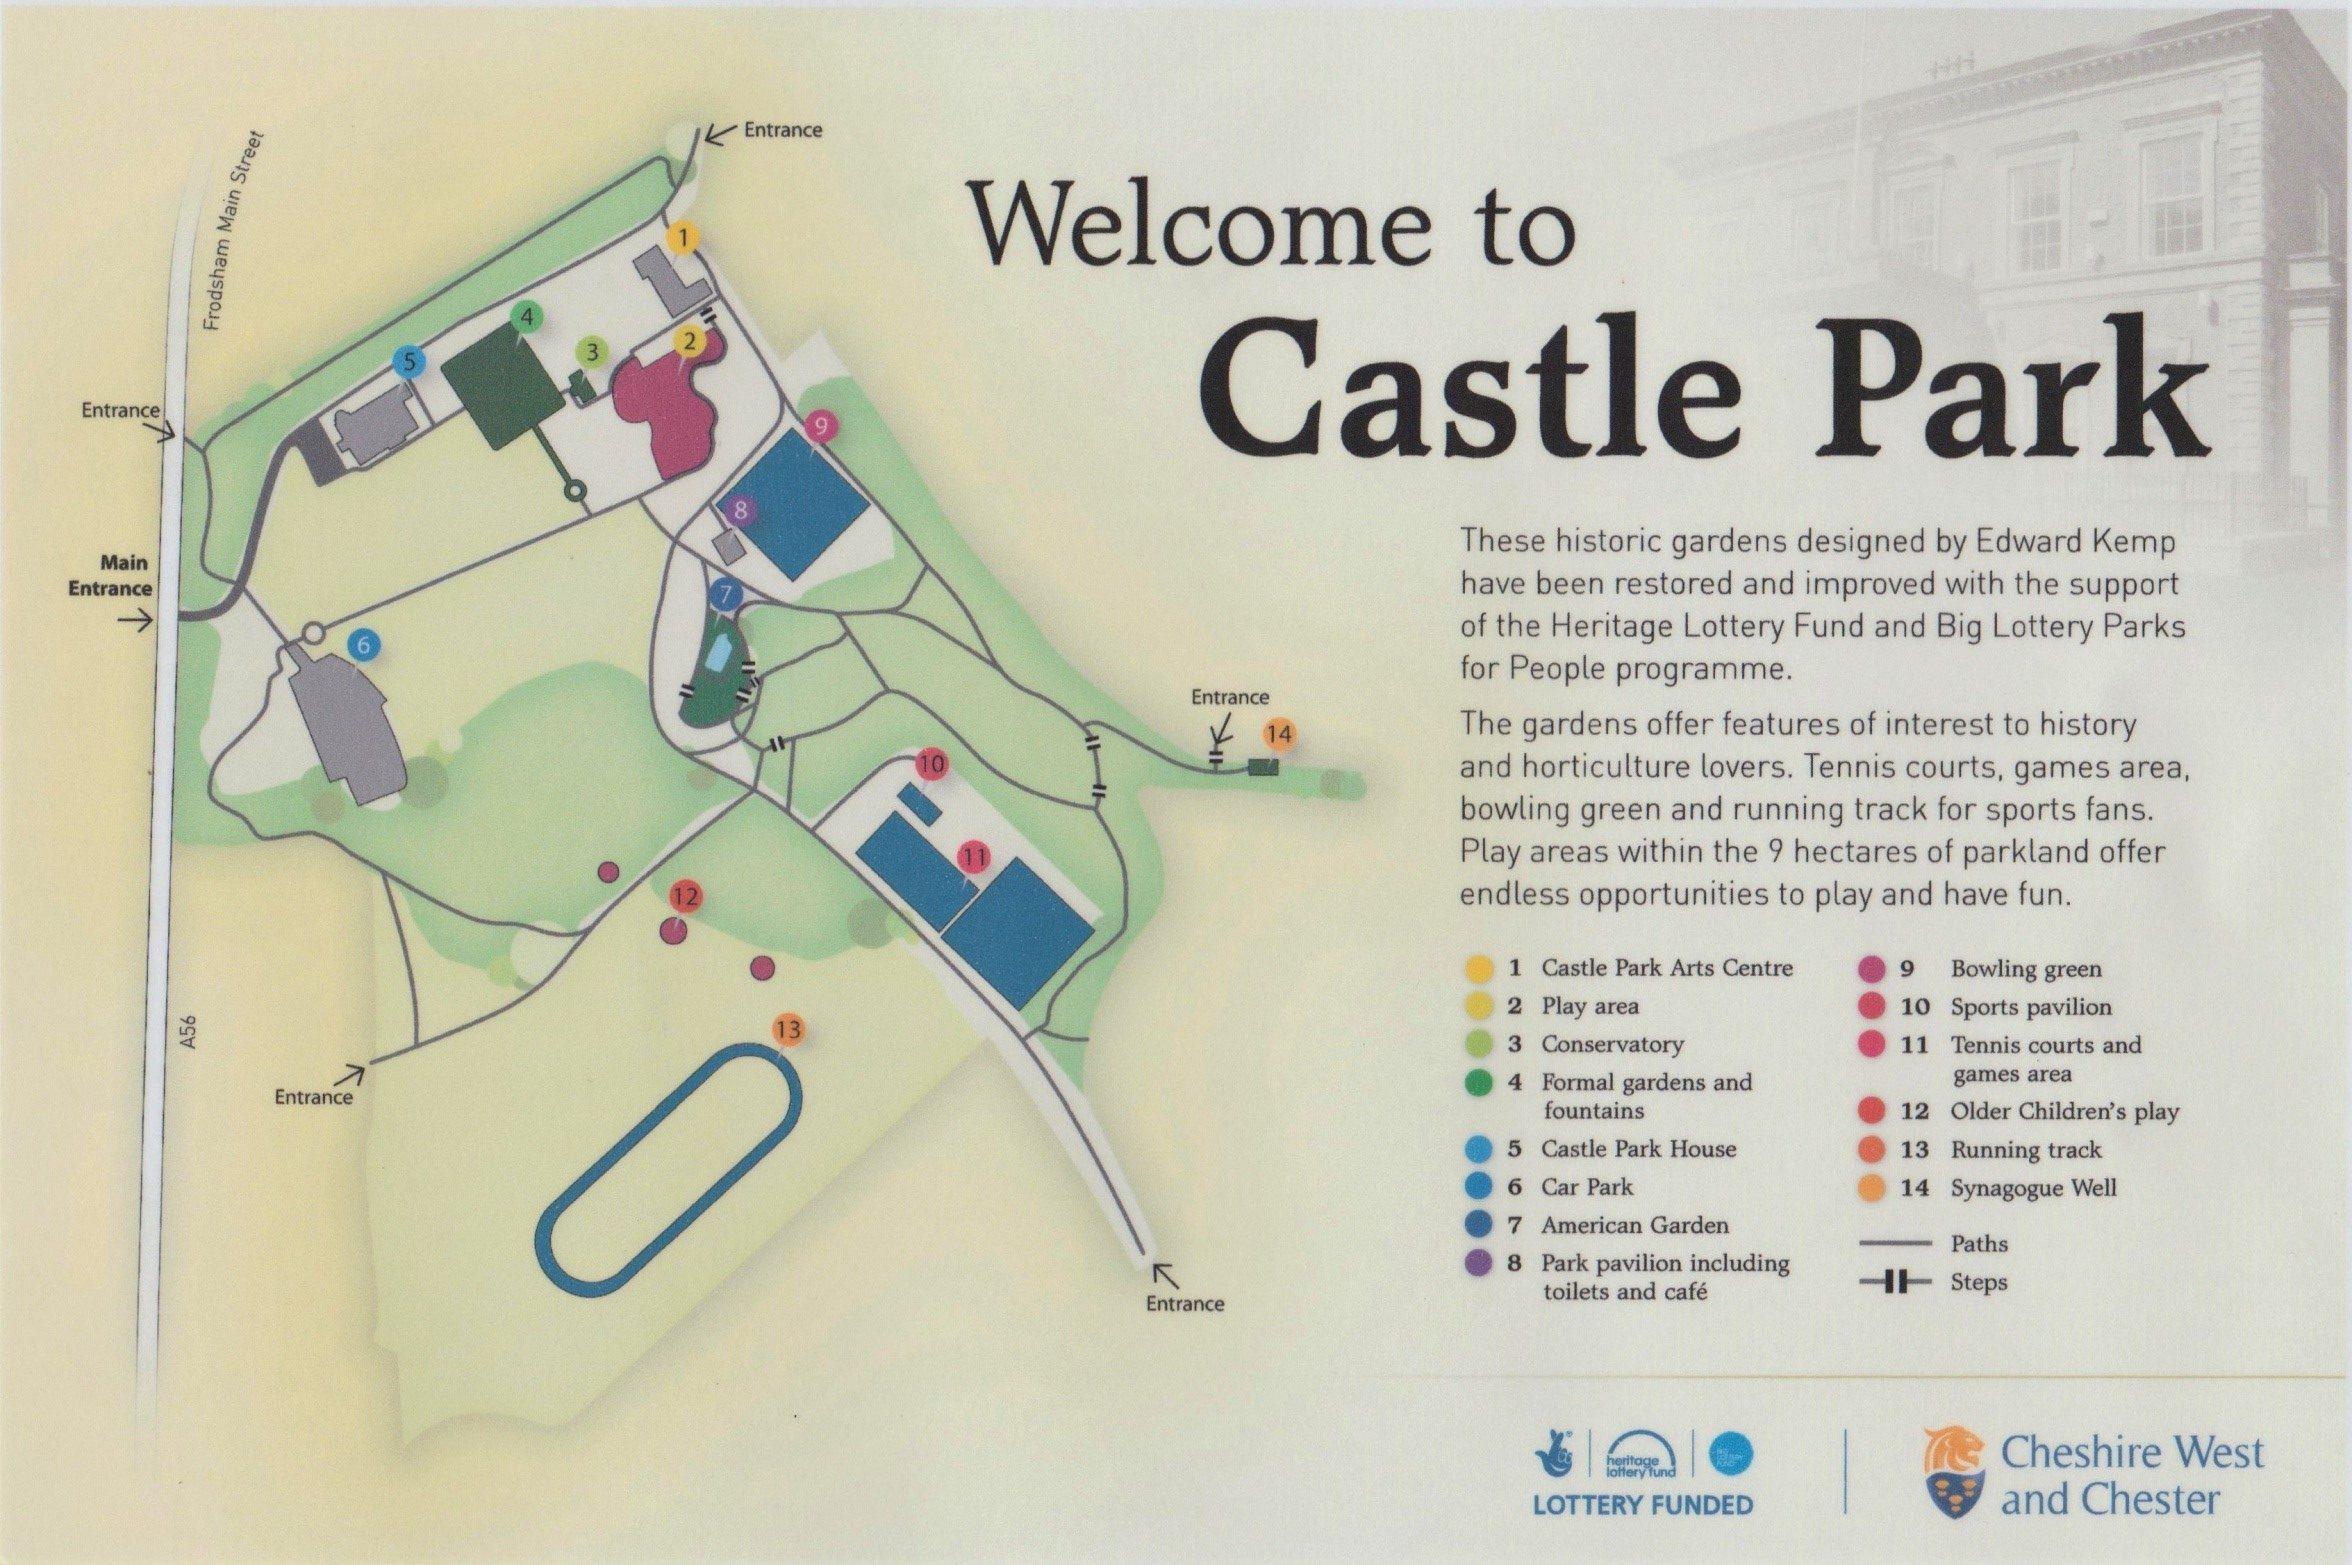 Map of Castle Park